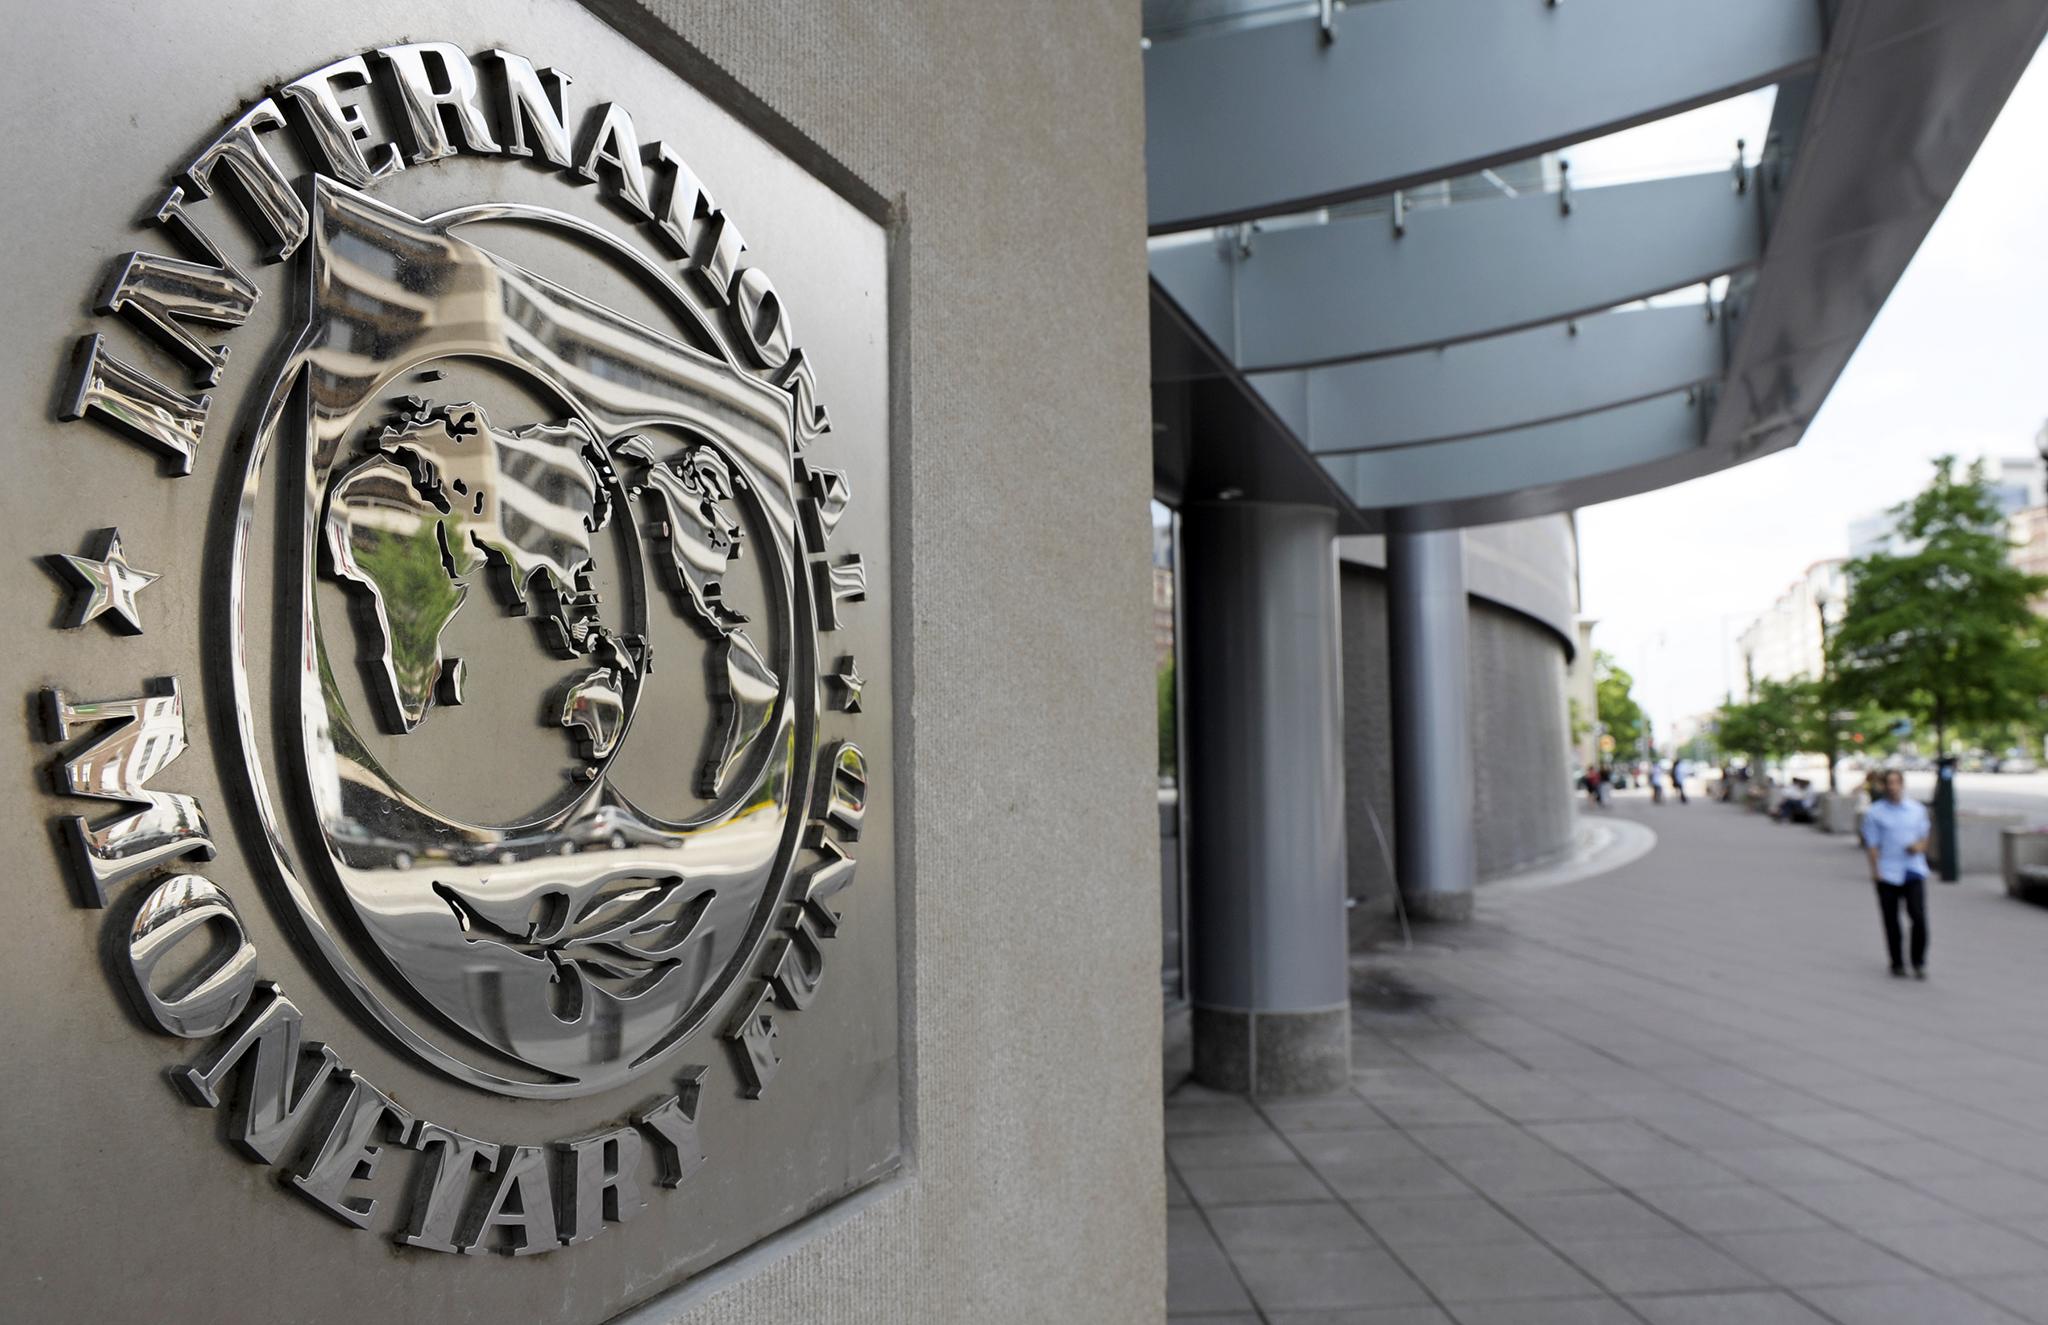 Ásia vai continuar a liderar crescimento global apesar dos riscos, diz FMI